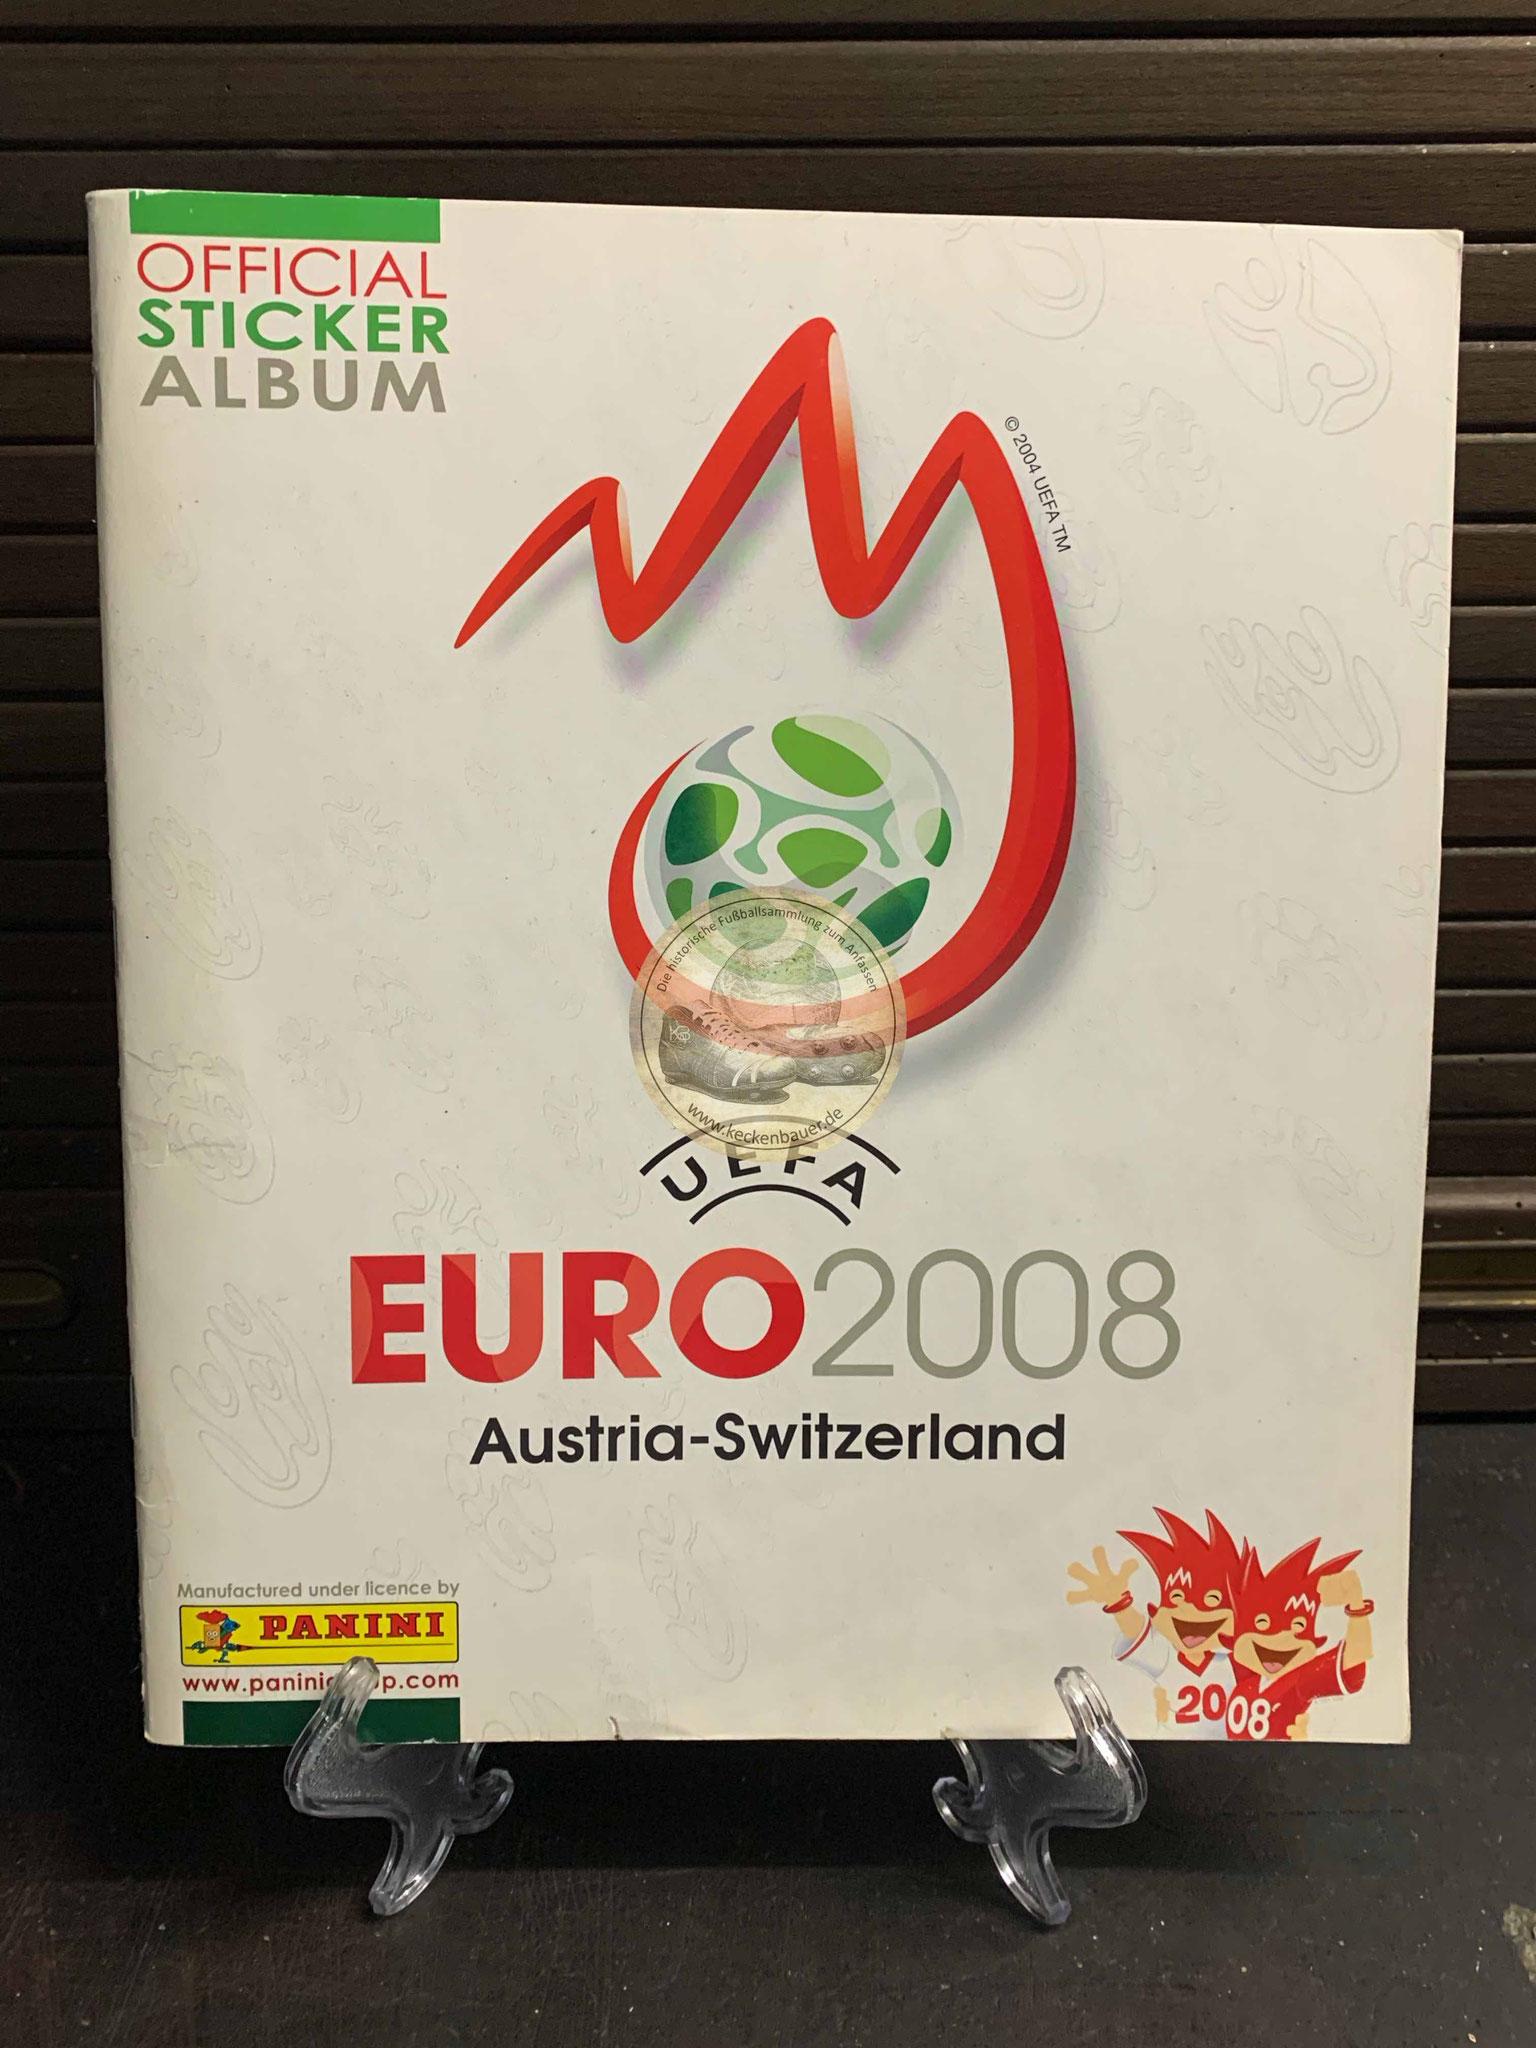 Panini Album von der EM 2008 in Österreich und der Schweiz